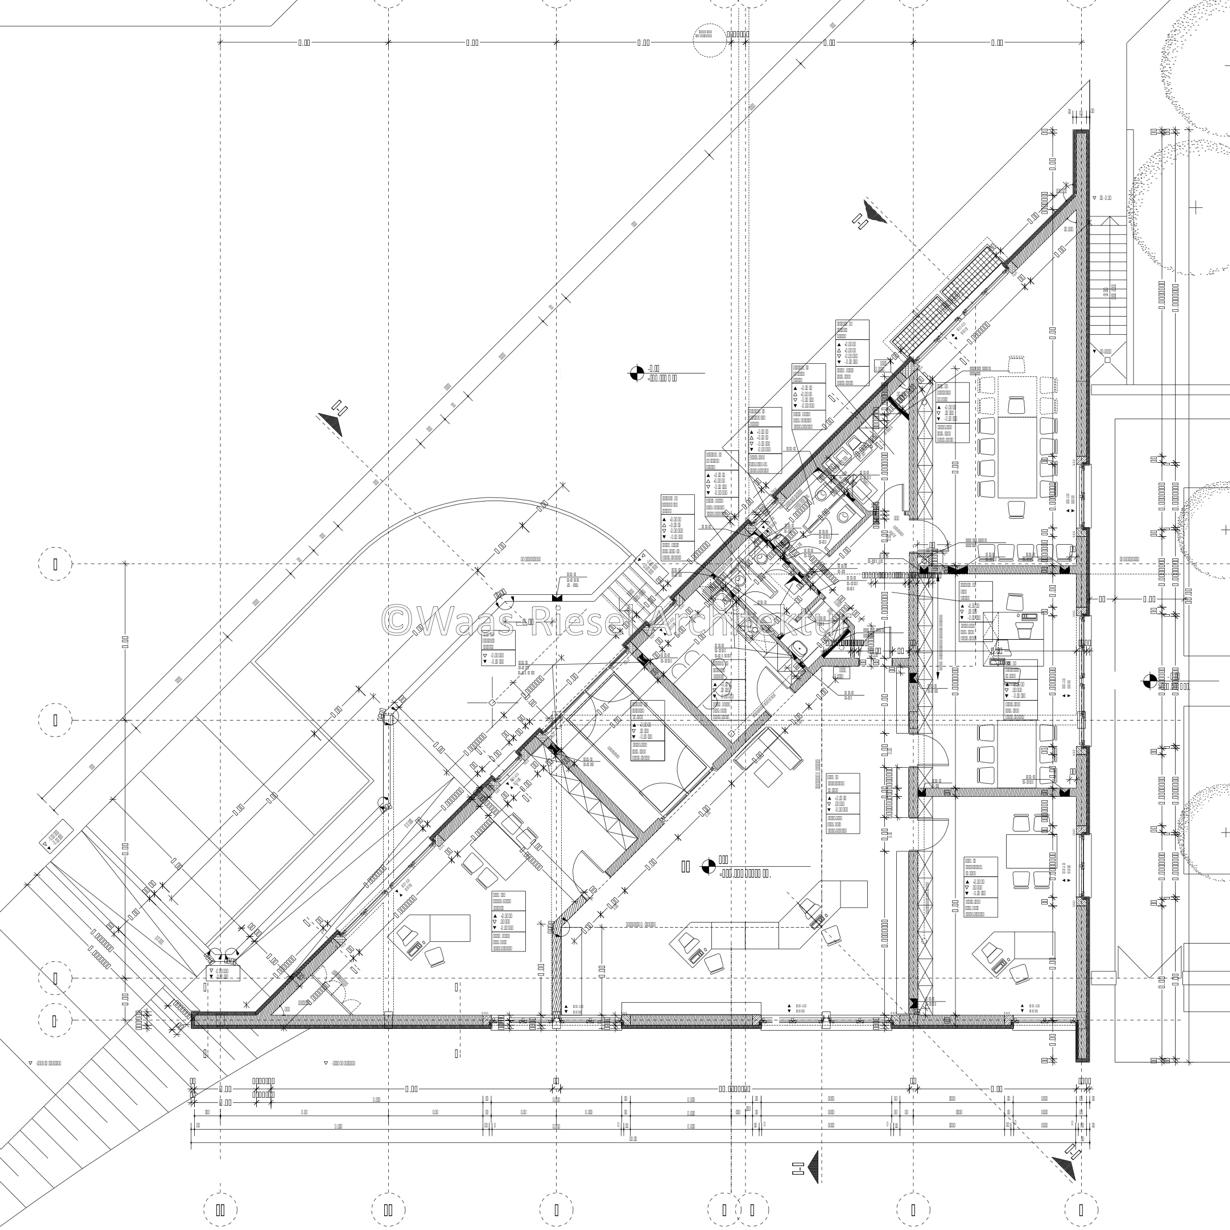 Planung Verwaltungsgebäudes: Grundriss